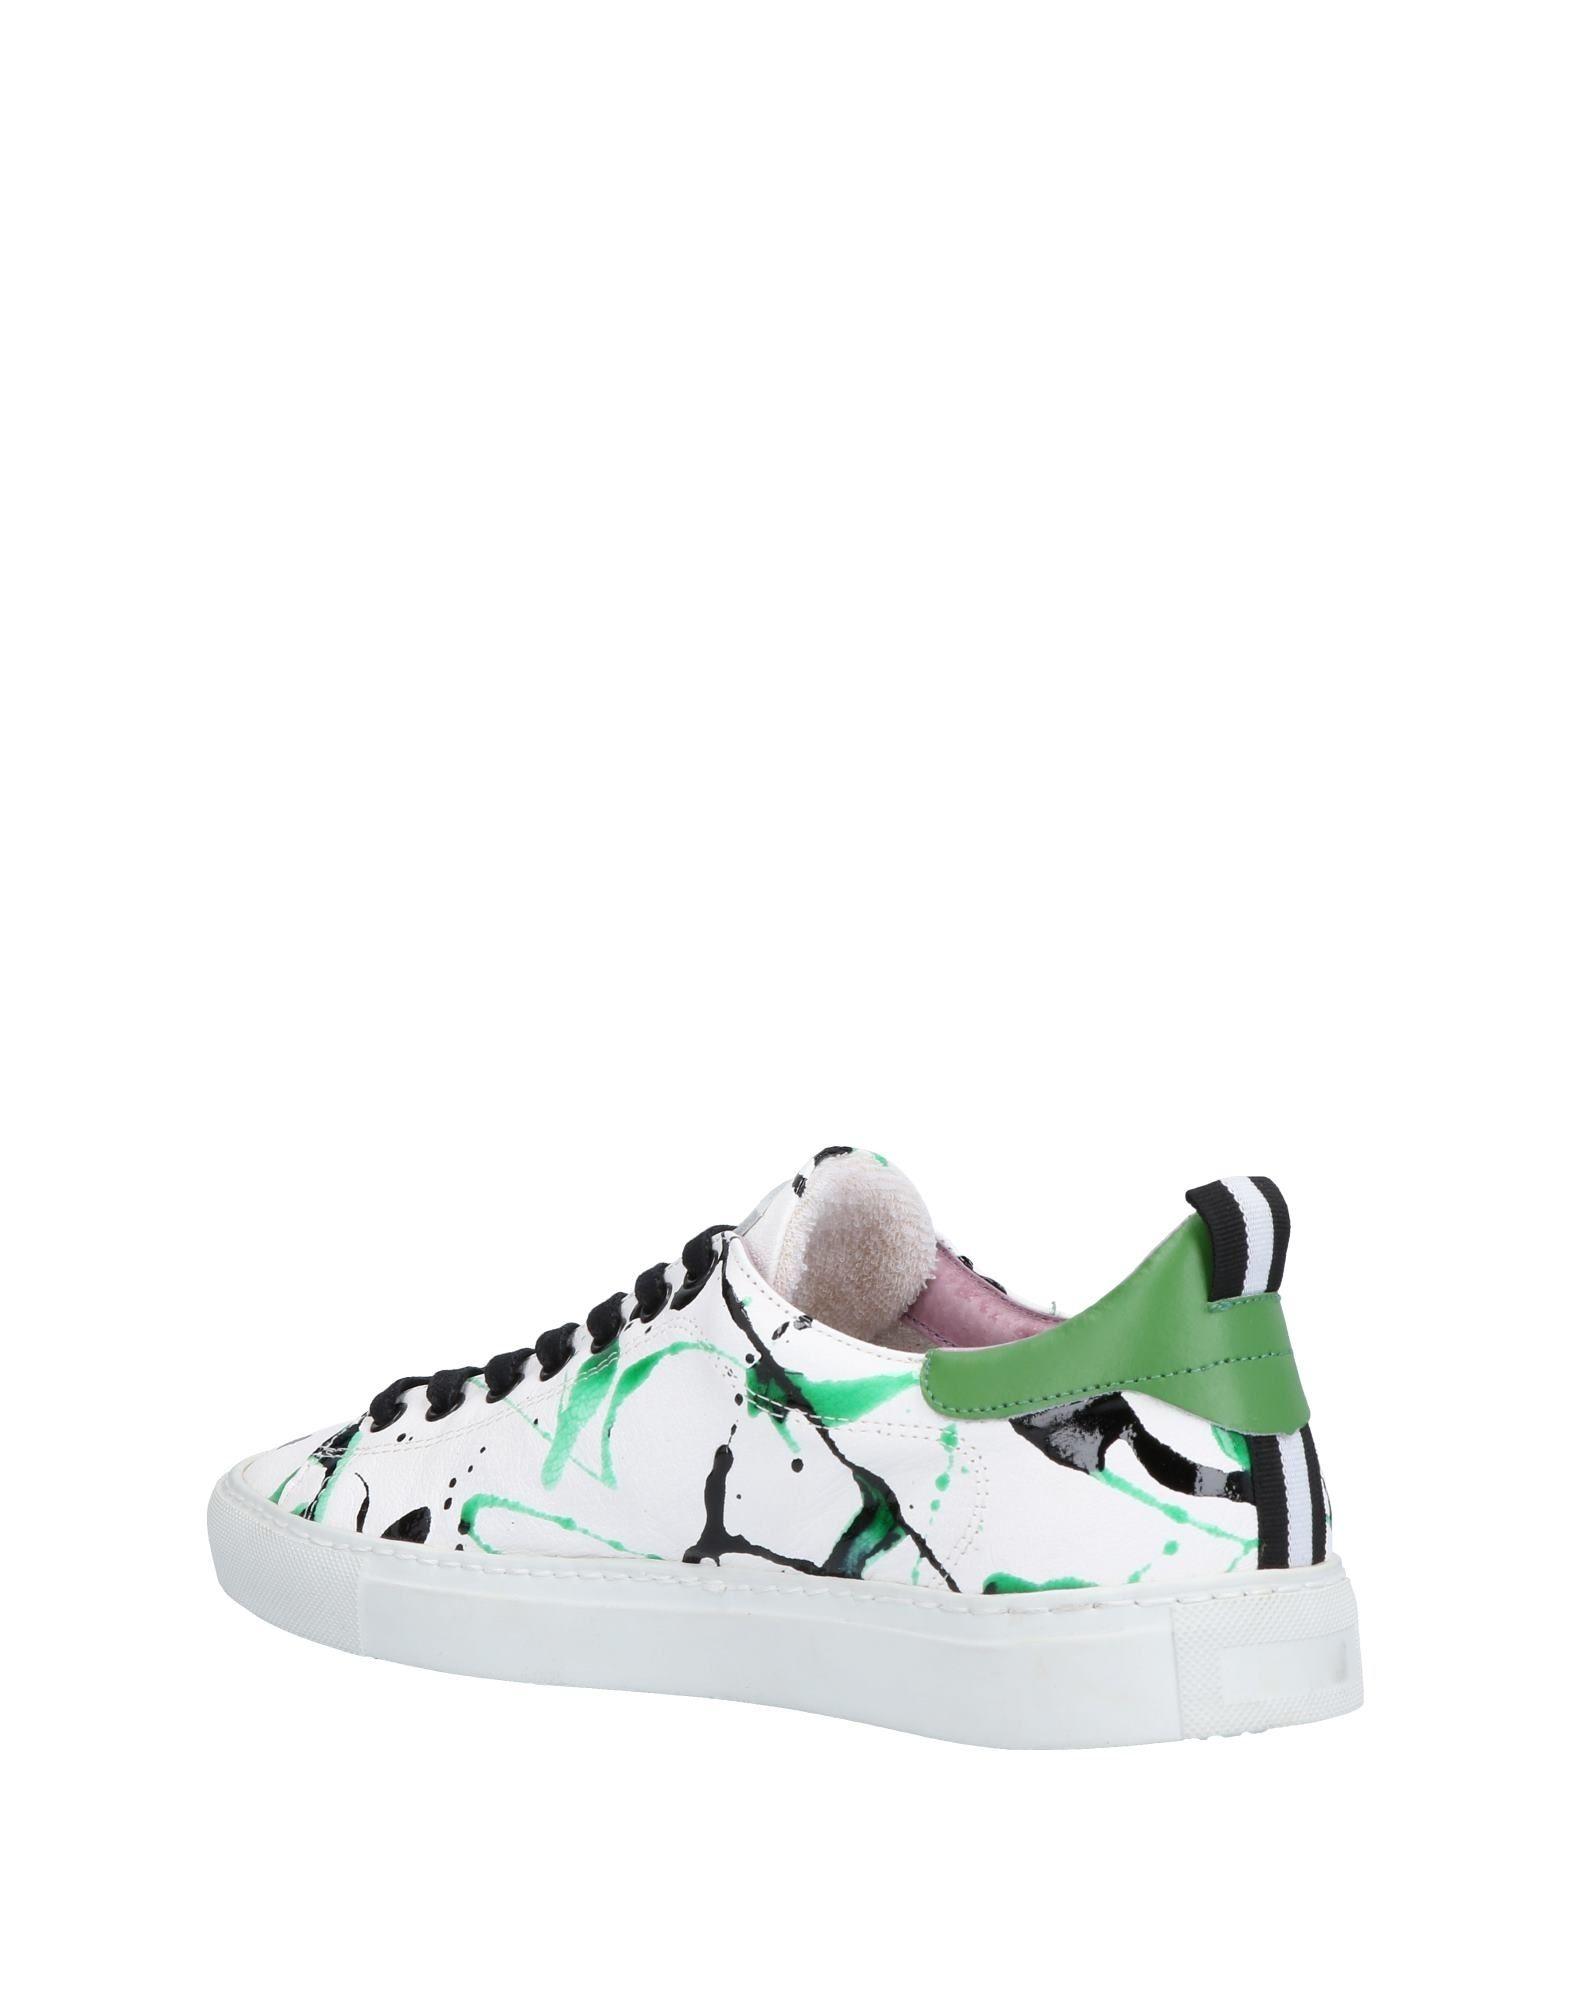 Rabatt echte  Schuhe D.A.T.E. Sneakers Herren  echte 11491287KK 107a32